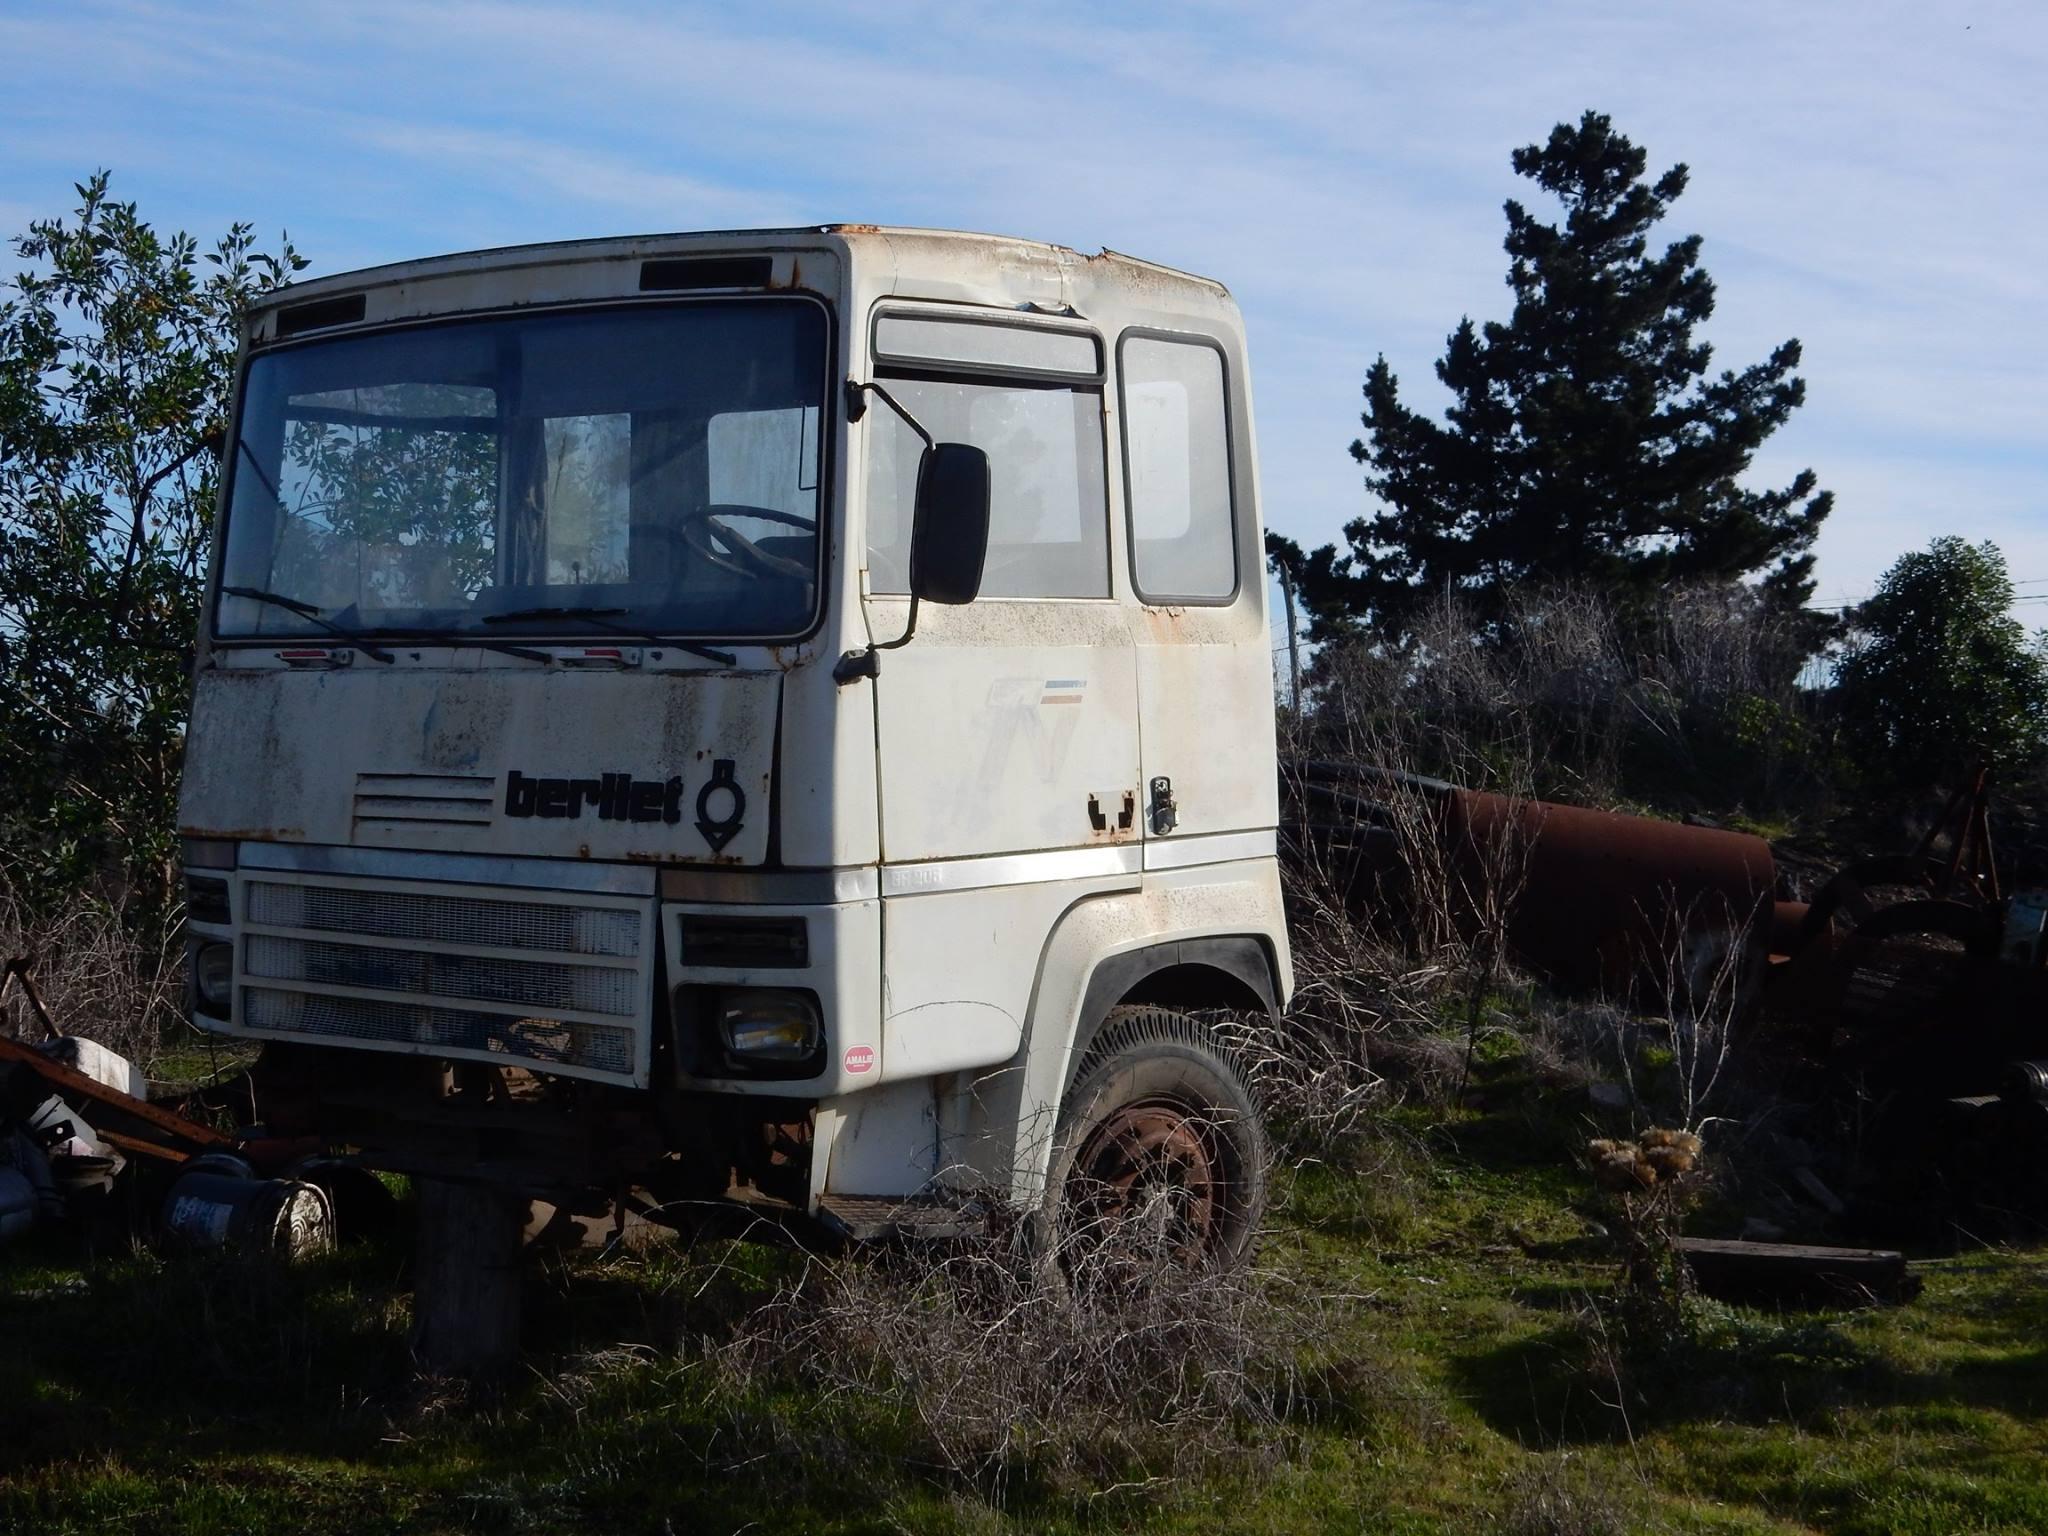 Camiones-vieja-escuela-olvidados-63